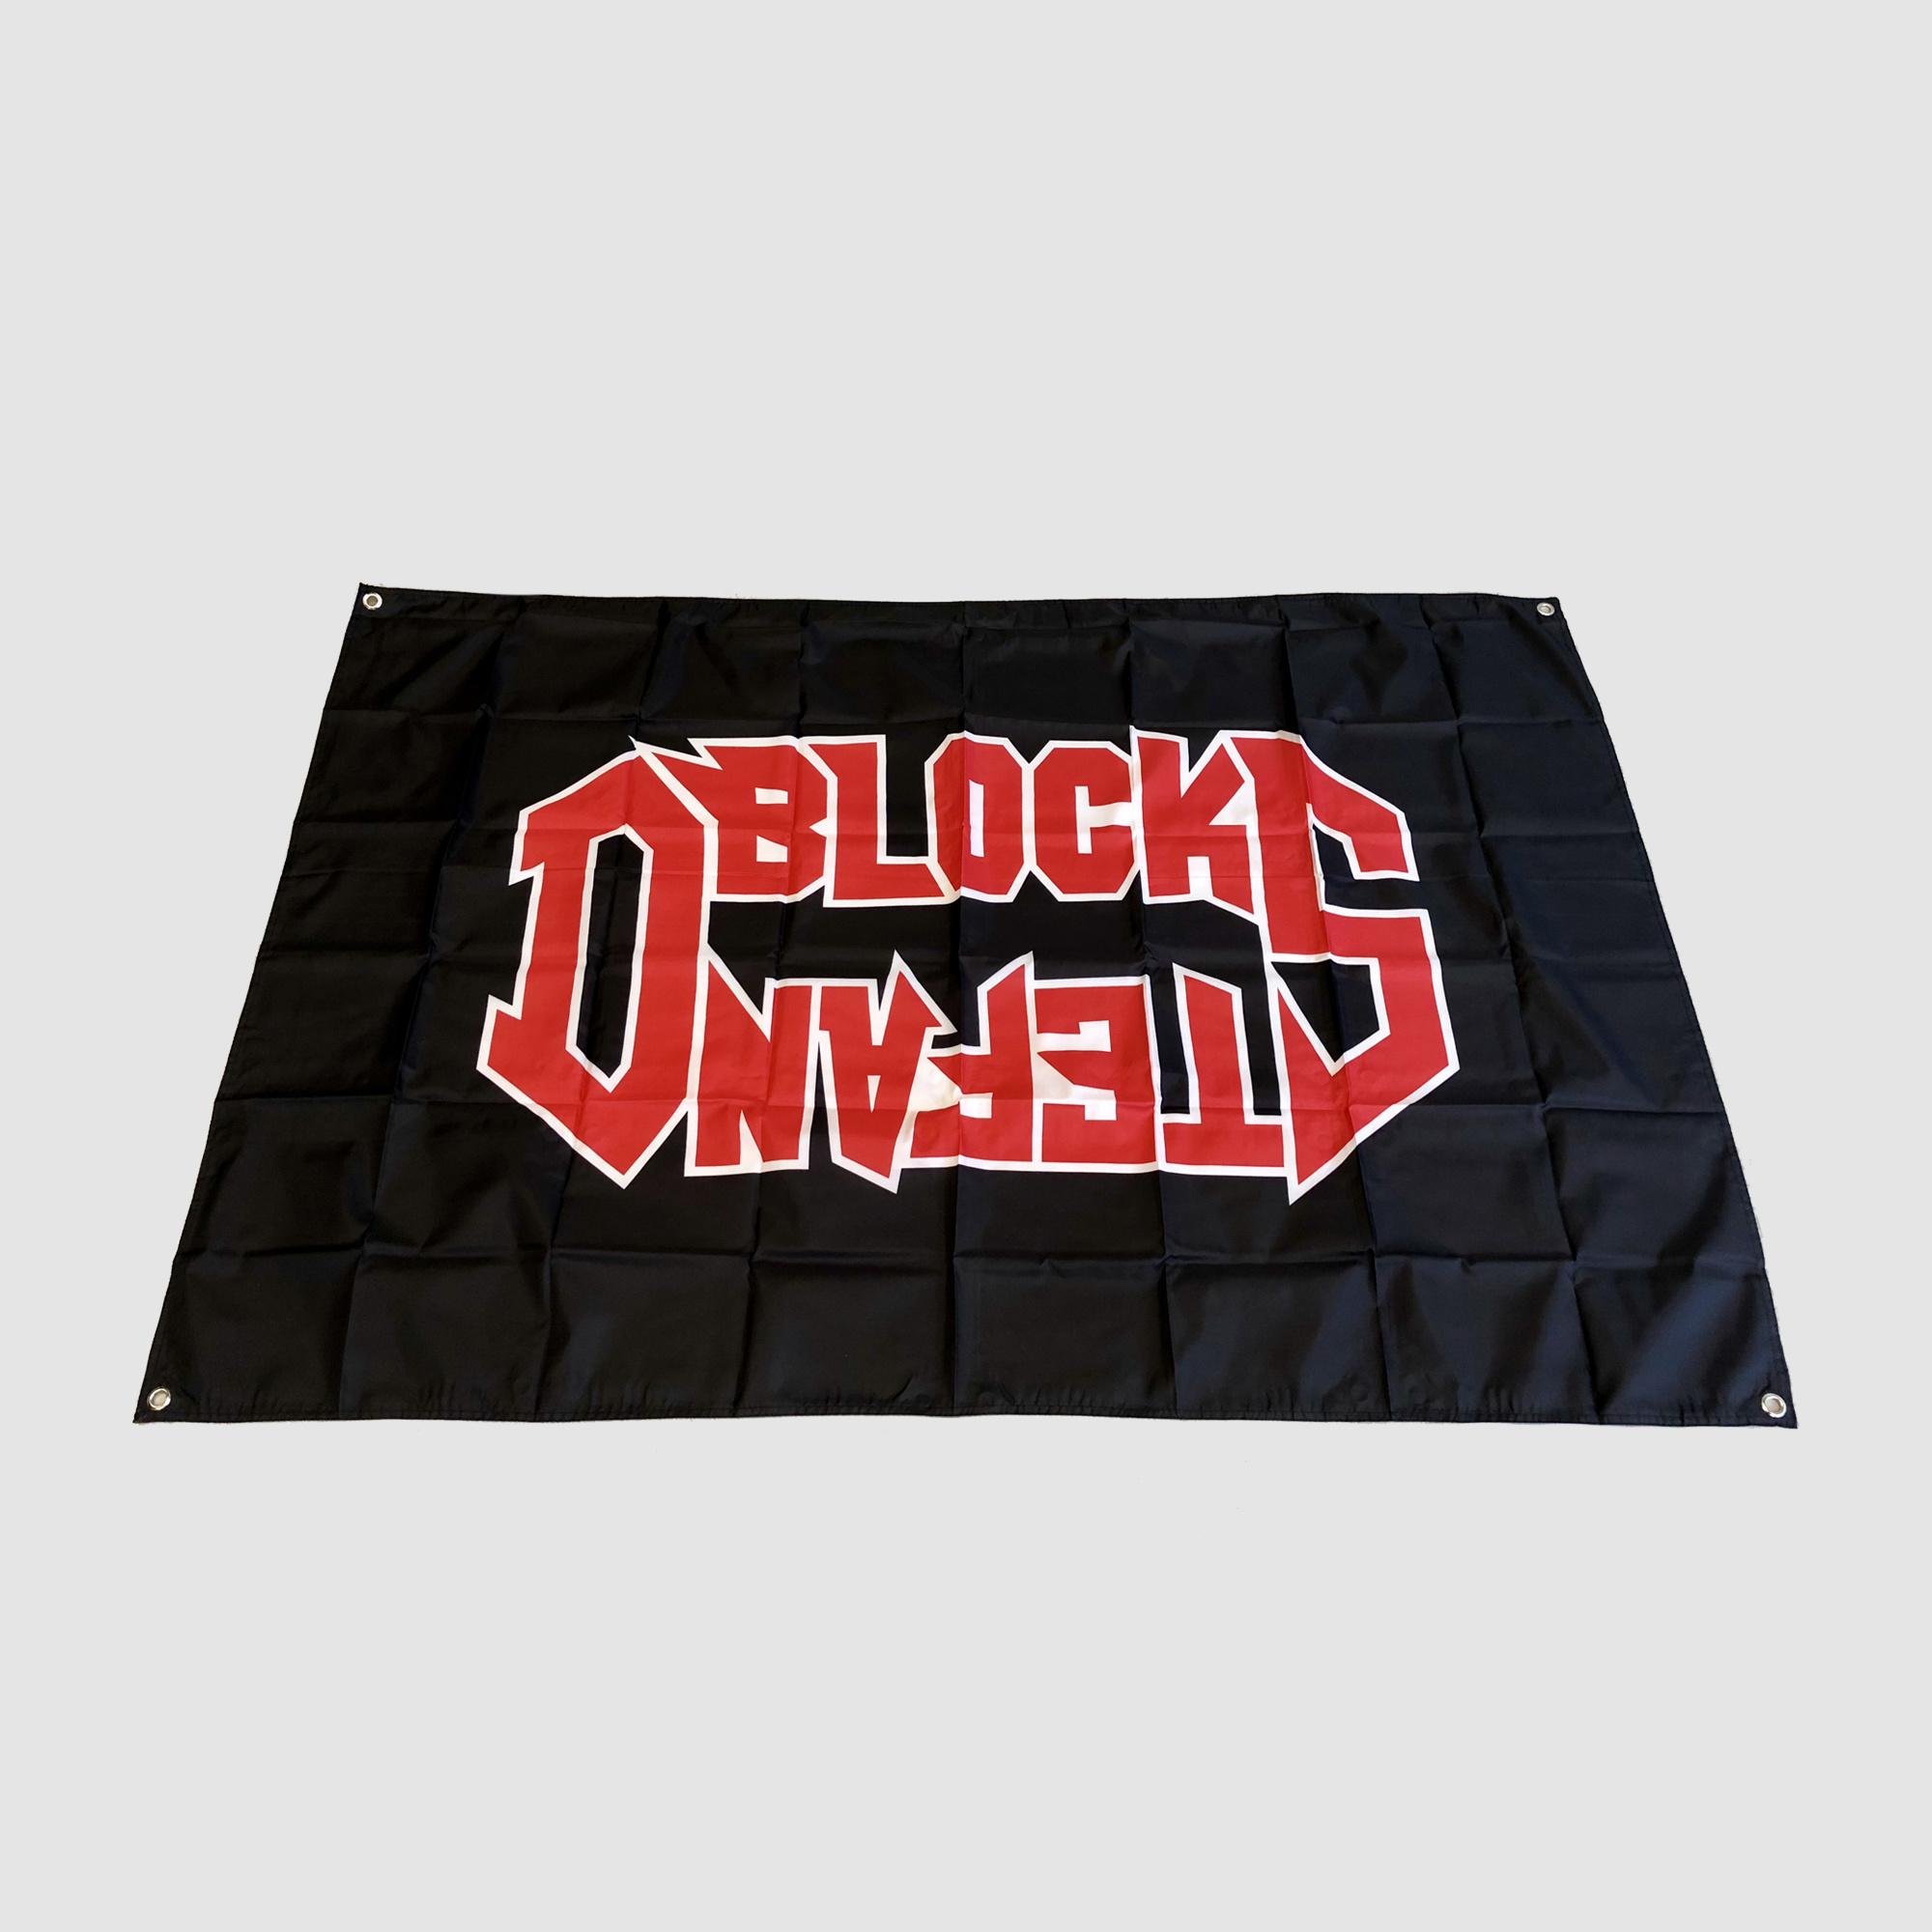 D-BLOCK & S-TE-FAN   ROCK STYLE LOGO FLAG